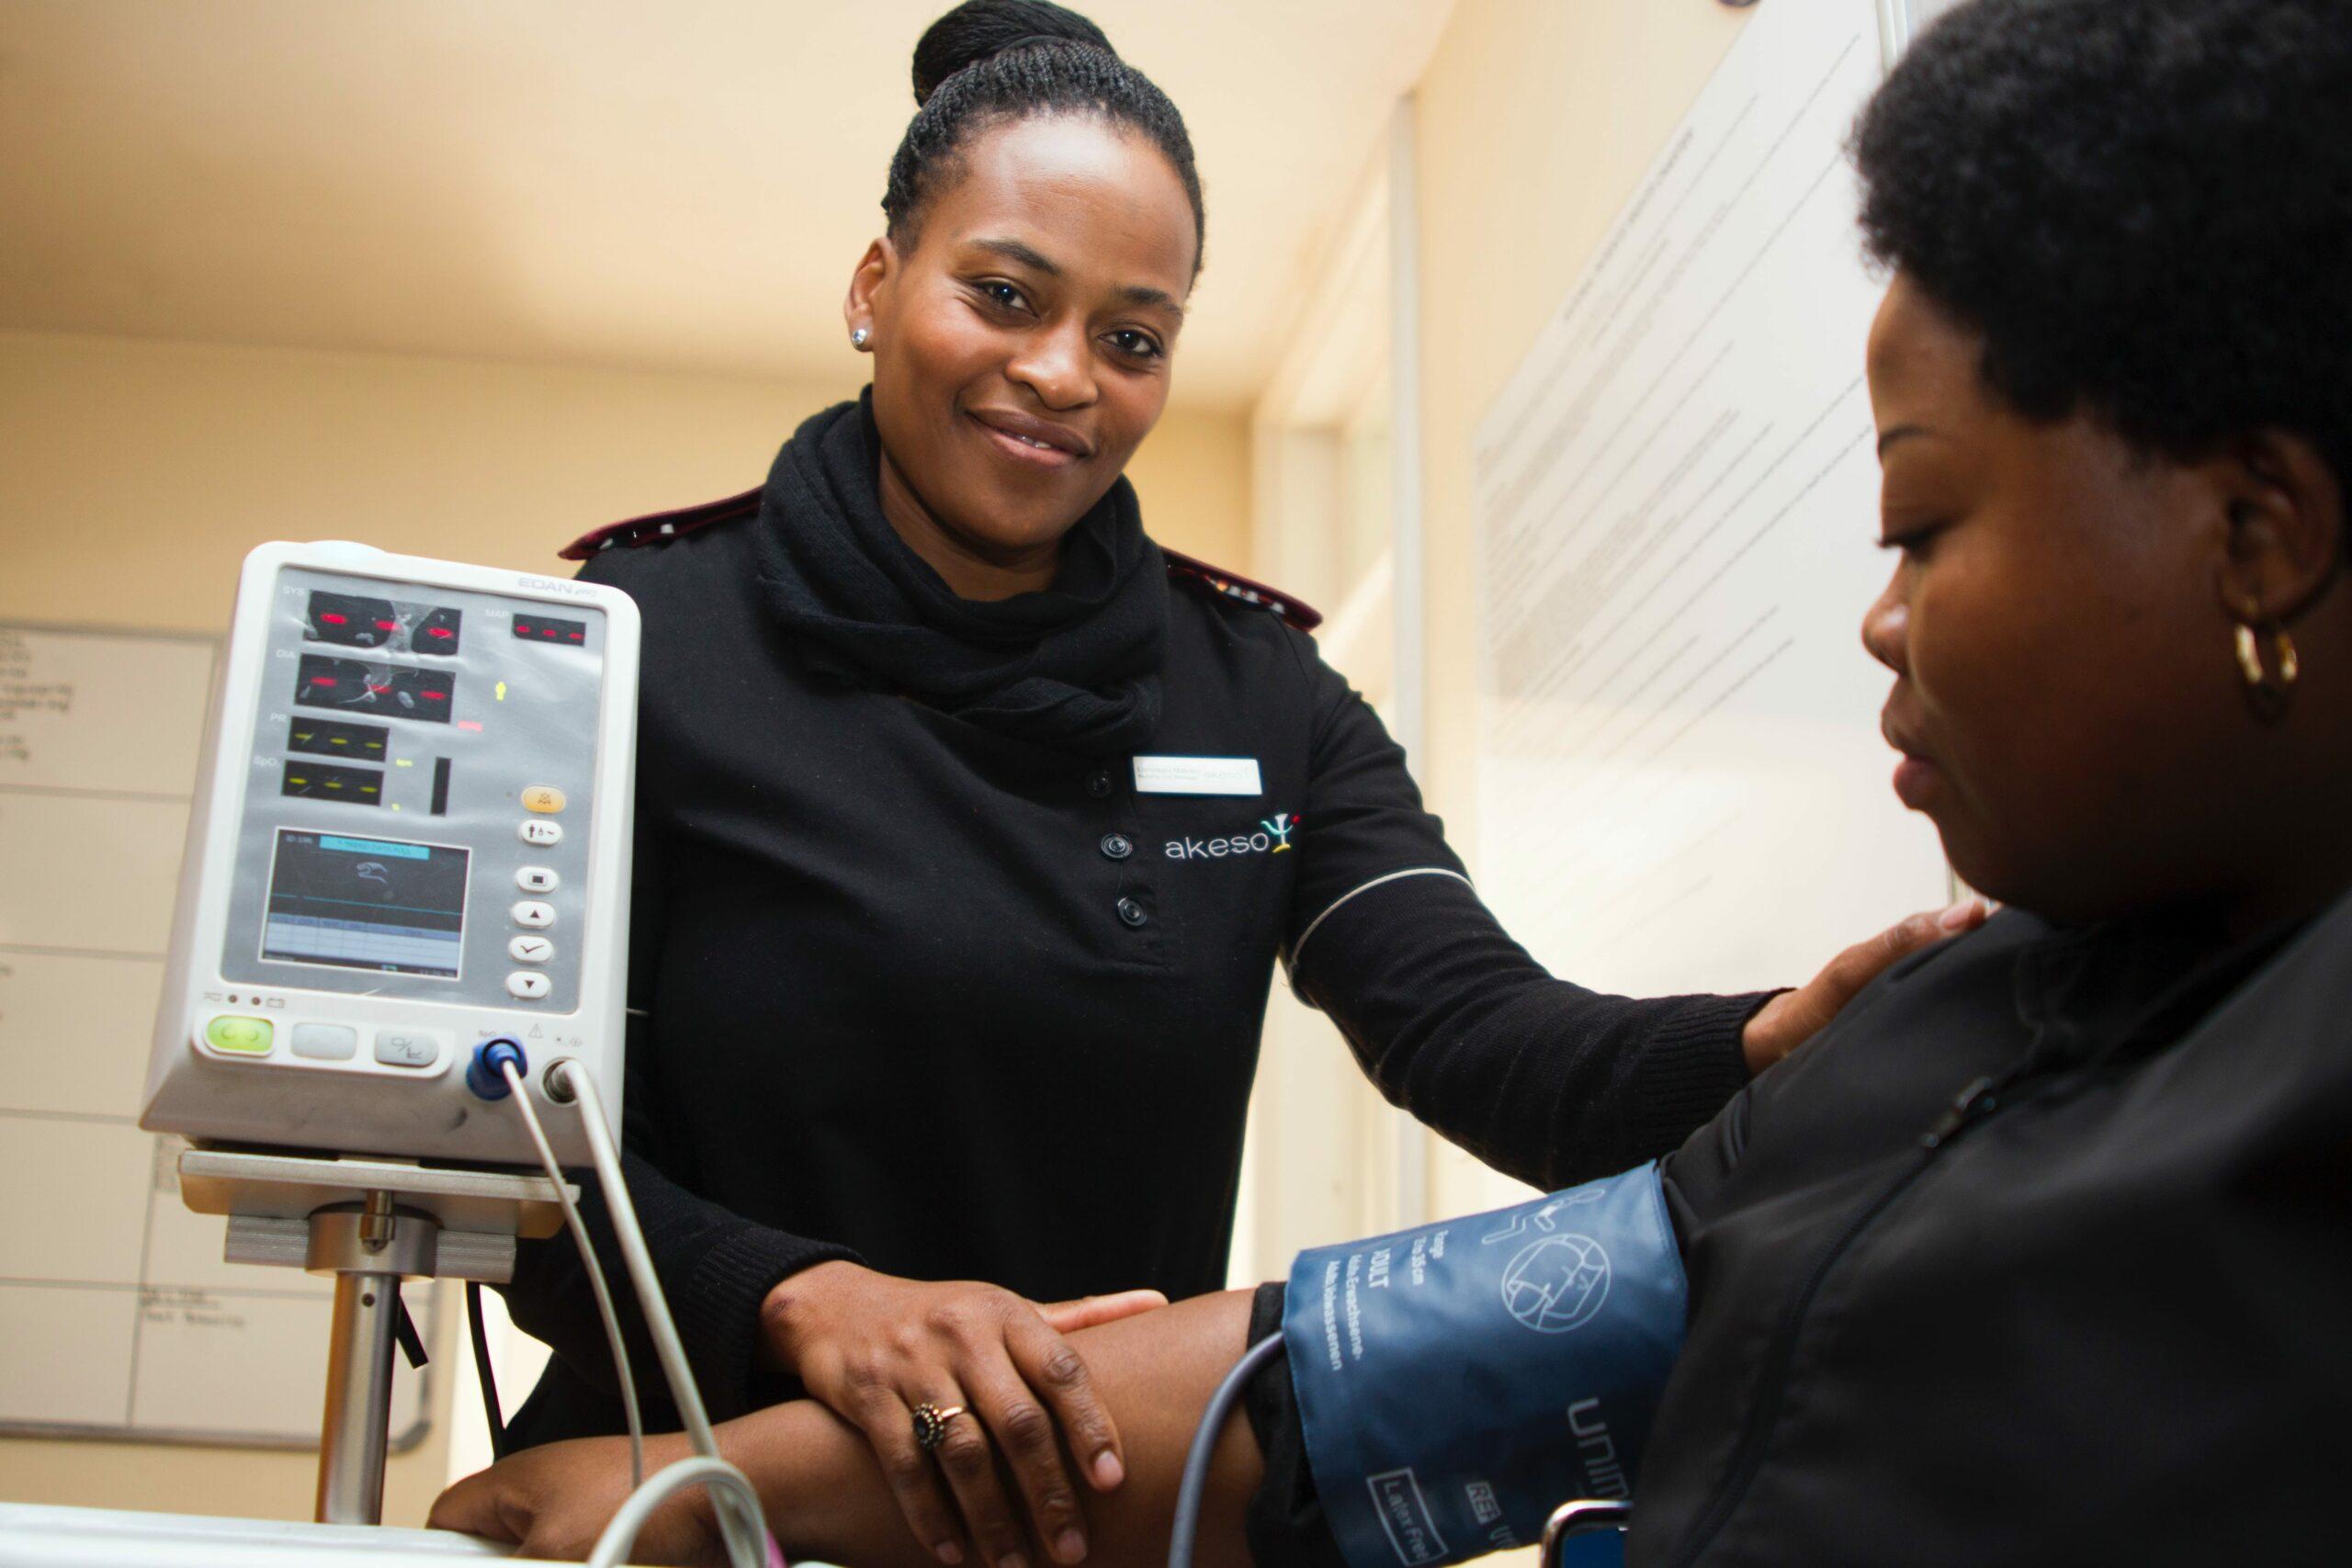 Nurse taking blood pressure overweight patient